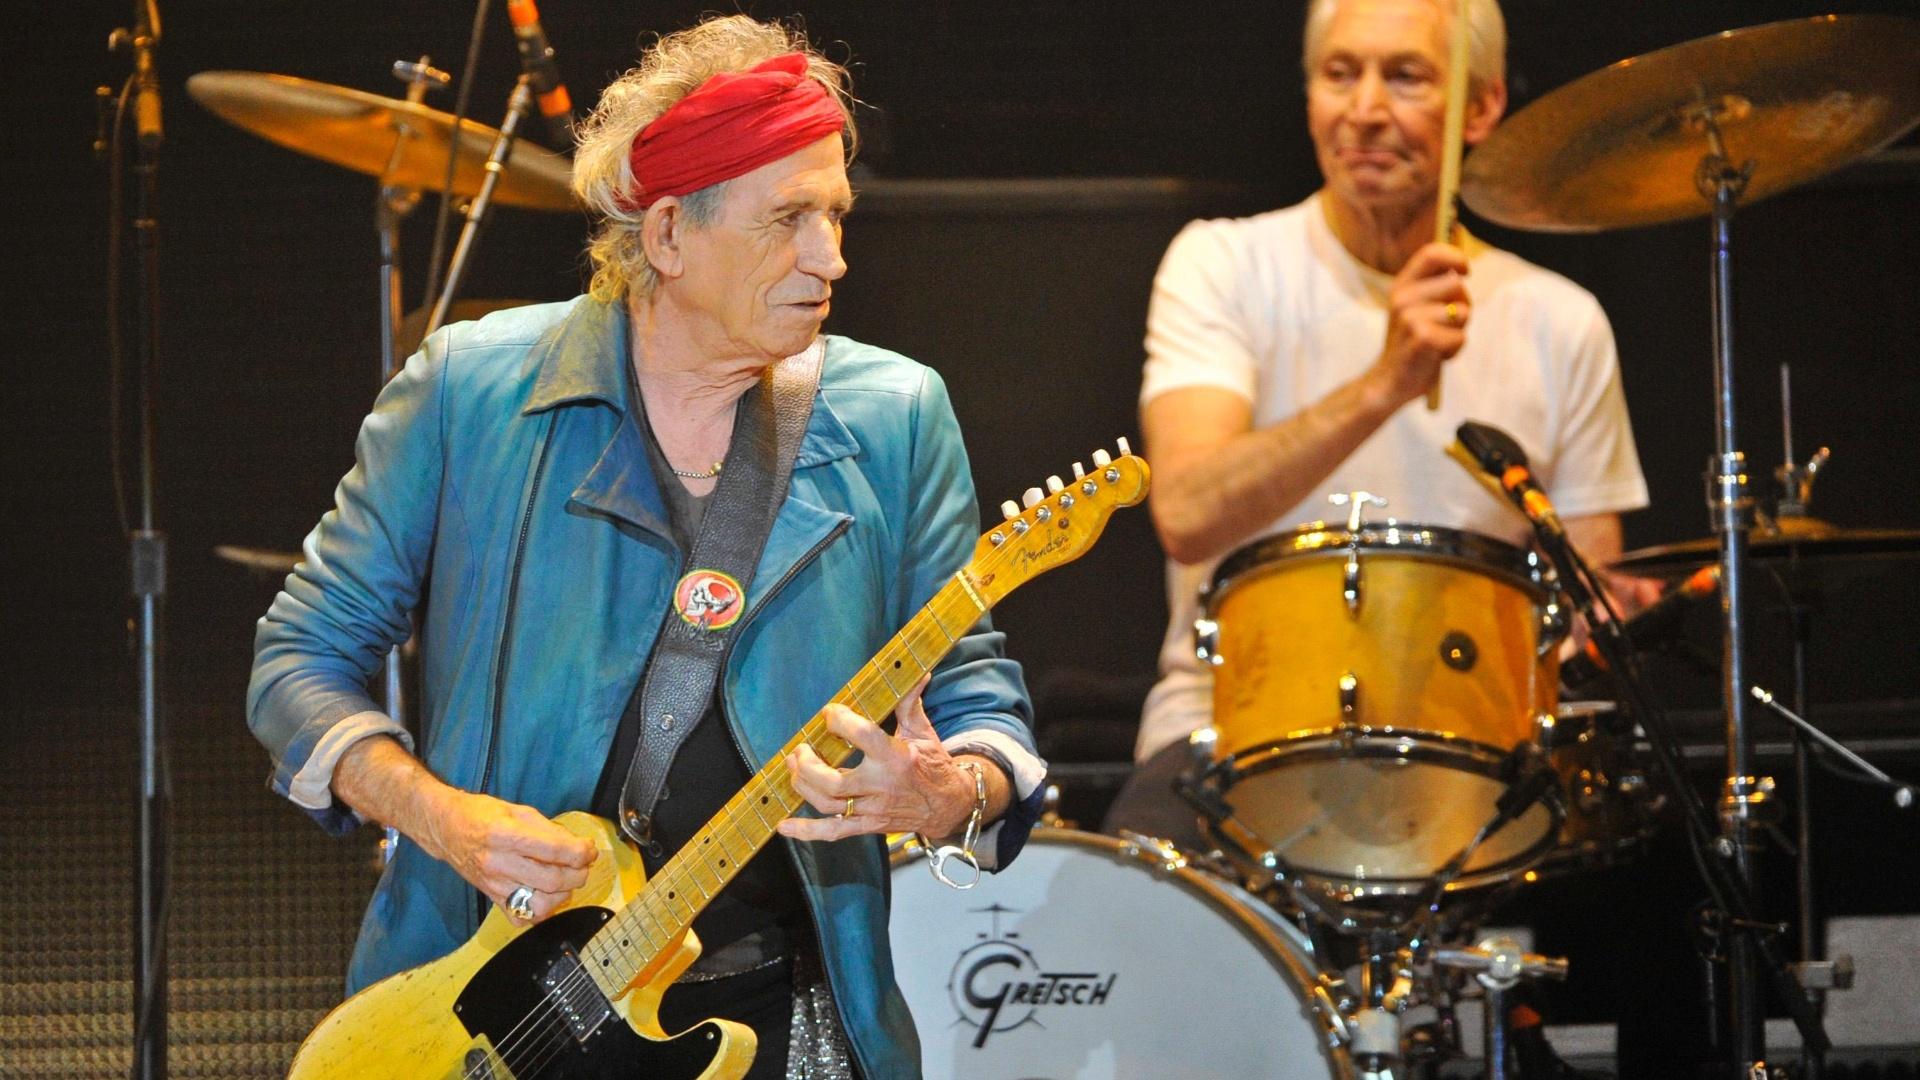 Keith Richards e Charlie Watts tocam no primeiro show dos Stones depois de um hiato de 5 anos (25/11/12)